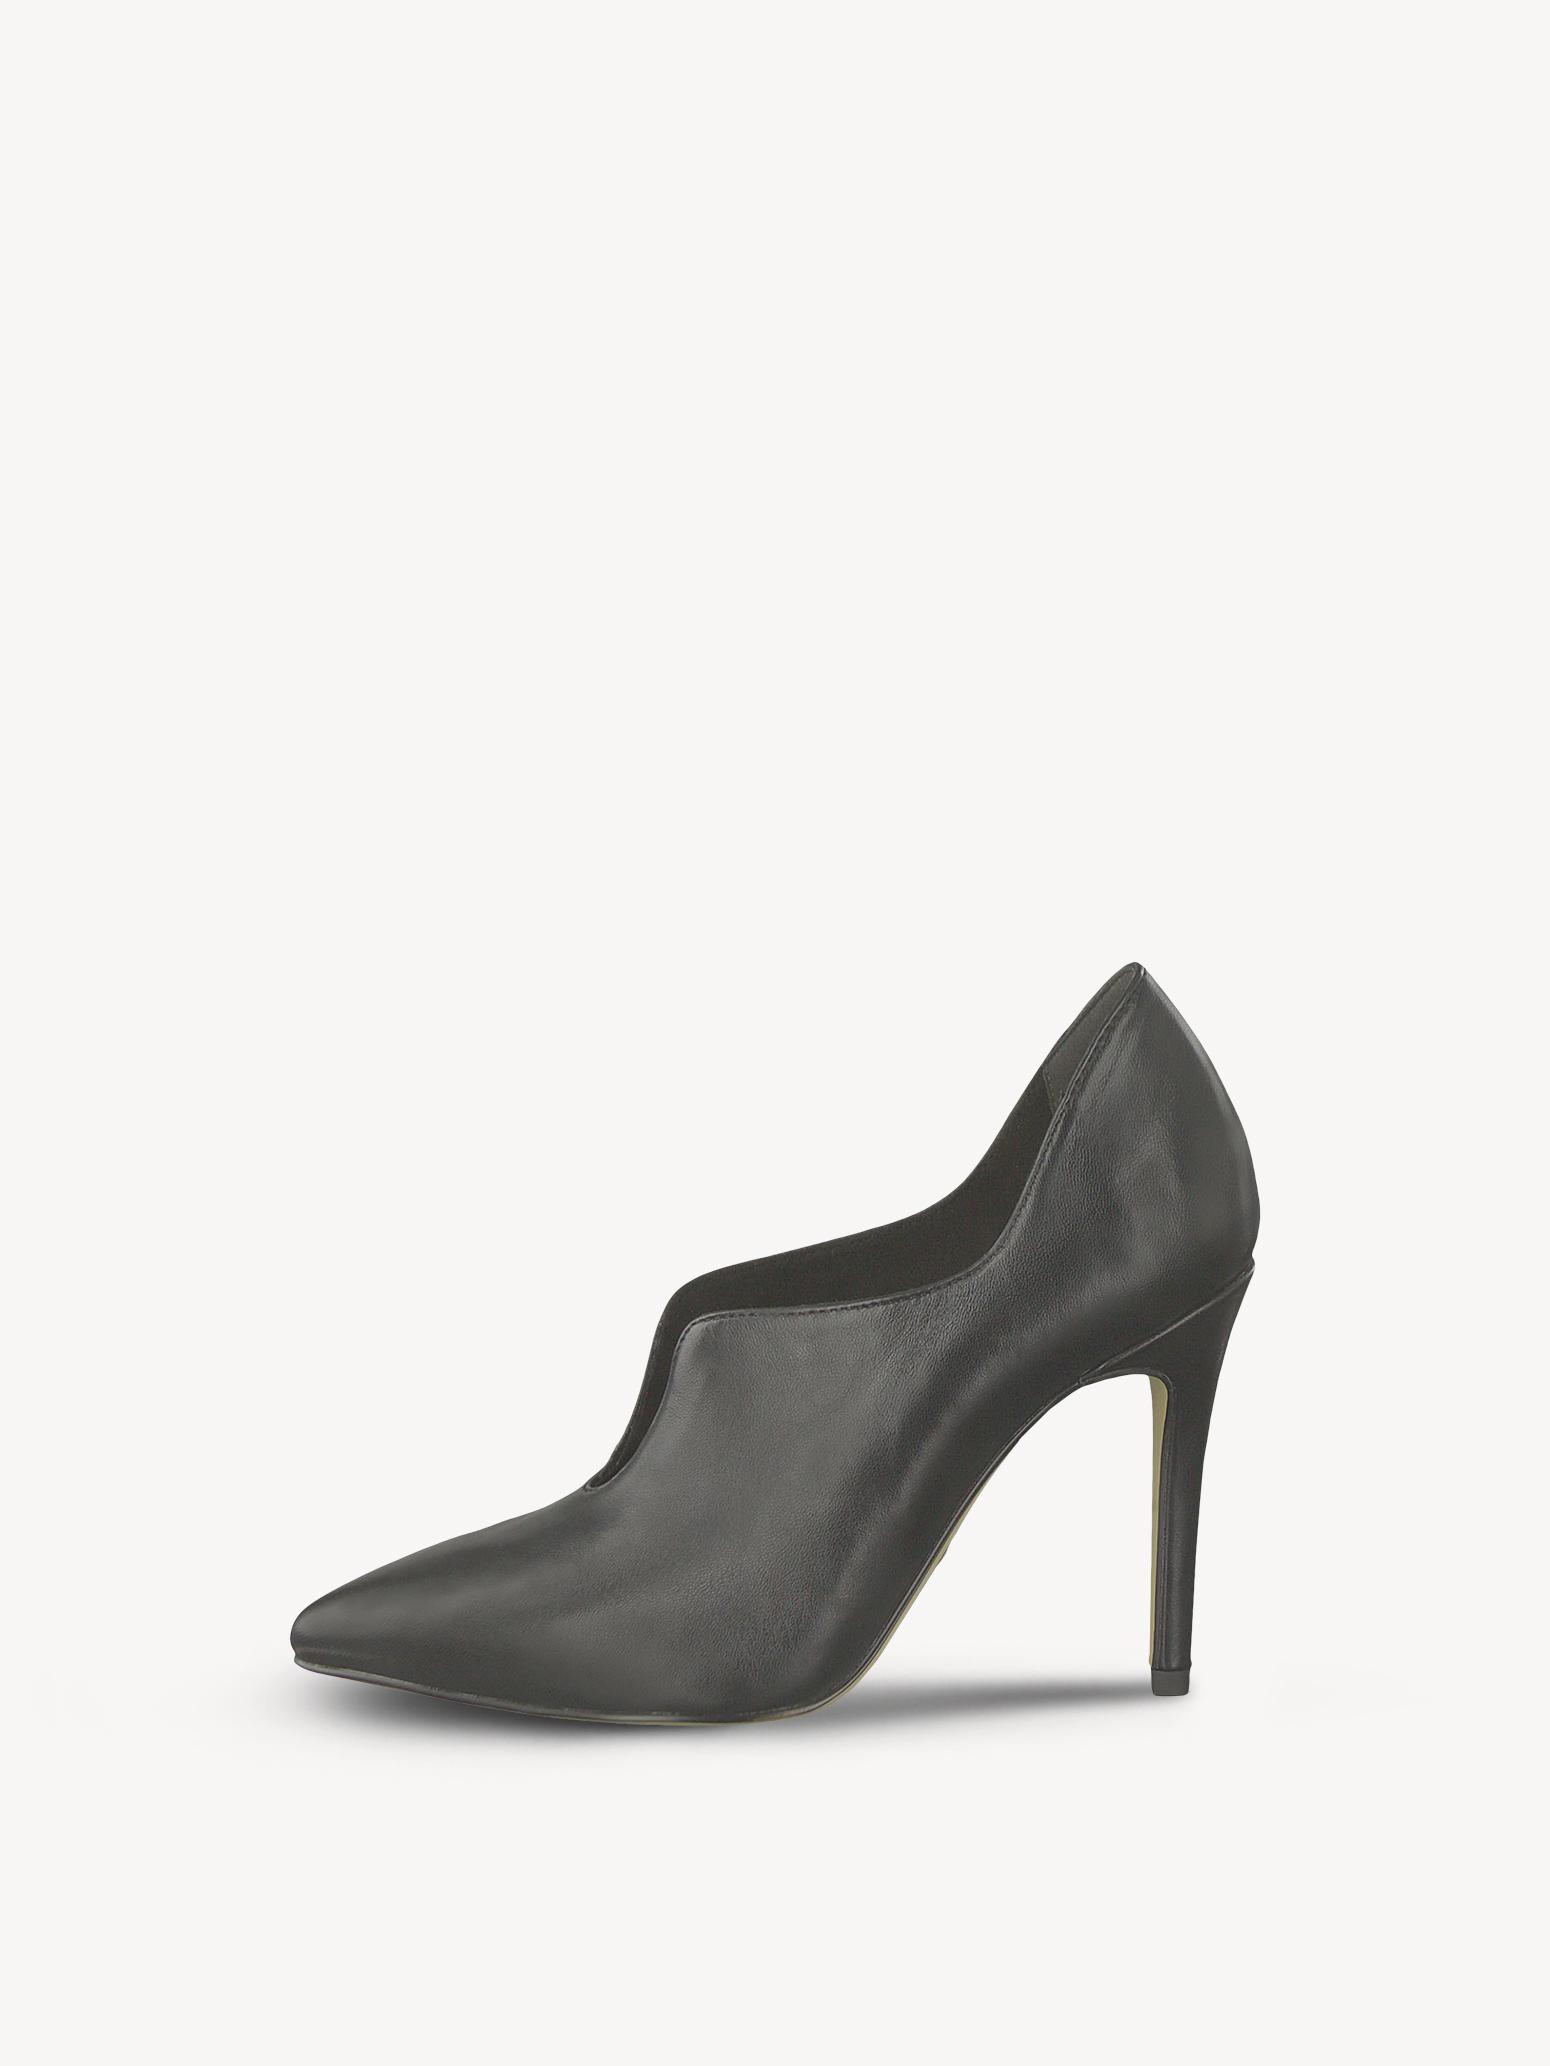 High Heels in braun online kaufen   OTTO